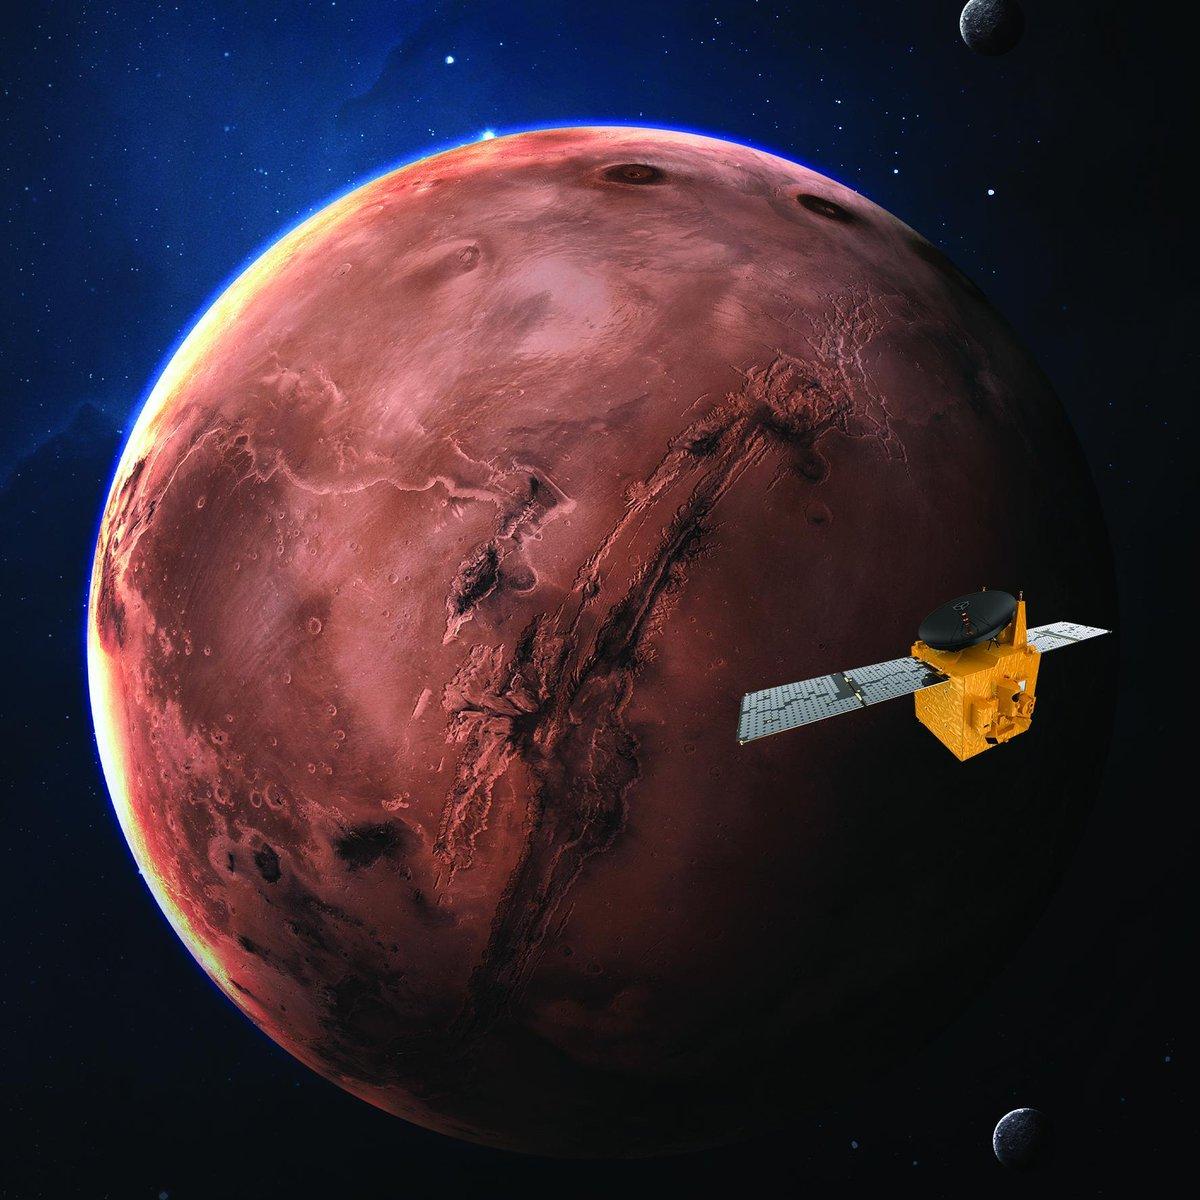 Preparado el lanzamiento de la misión Hope a Marte de los Emiratos Árabes Unidos #Ciencia #Espacio | por @Wicho https://t.co/GWh6HfaKx9 https://t.co/BMdKq34usL